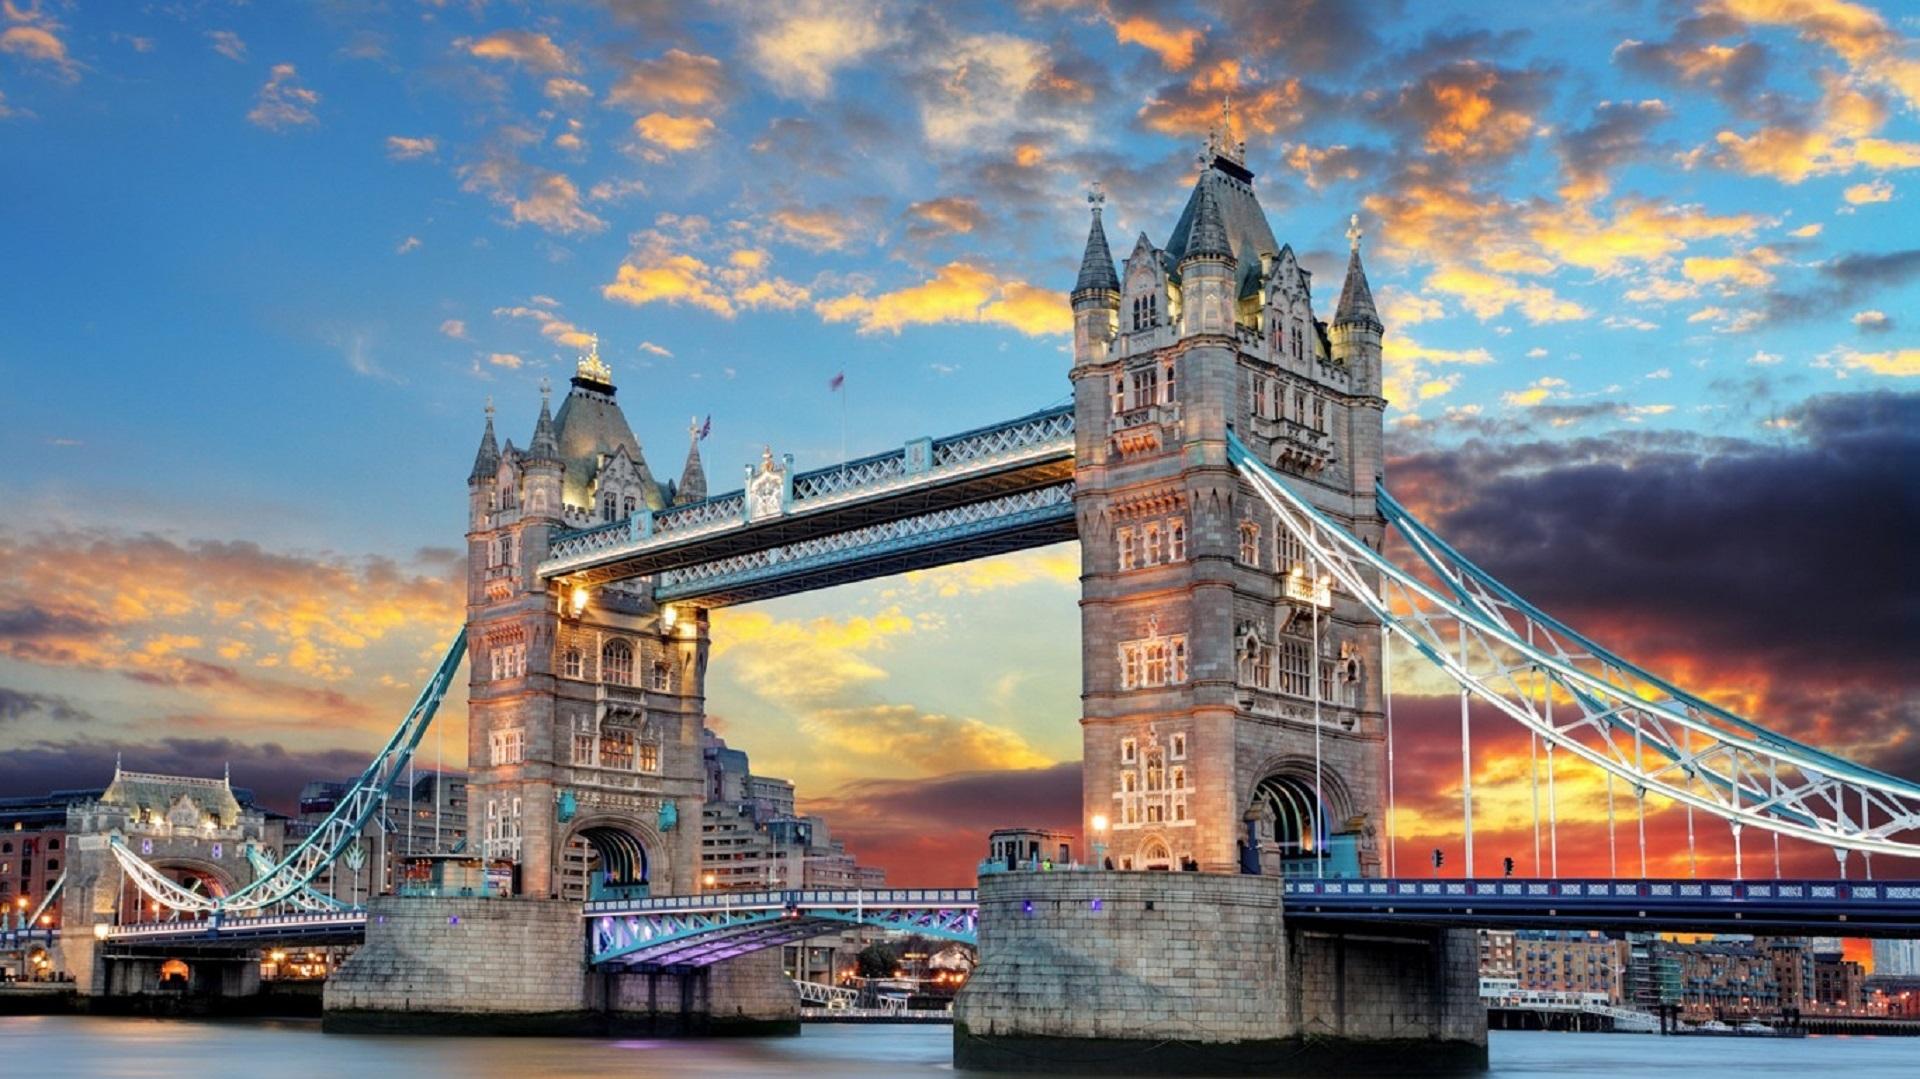 Awọn Ile Iṣẹ Atigbọwọ Ilu London Ni Awọn Ile Iṣẹ London London Ni Atunse Agbaye Ni Owo Kekere